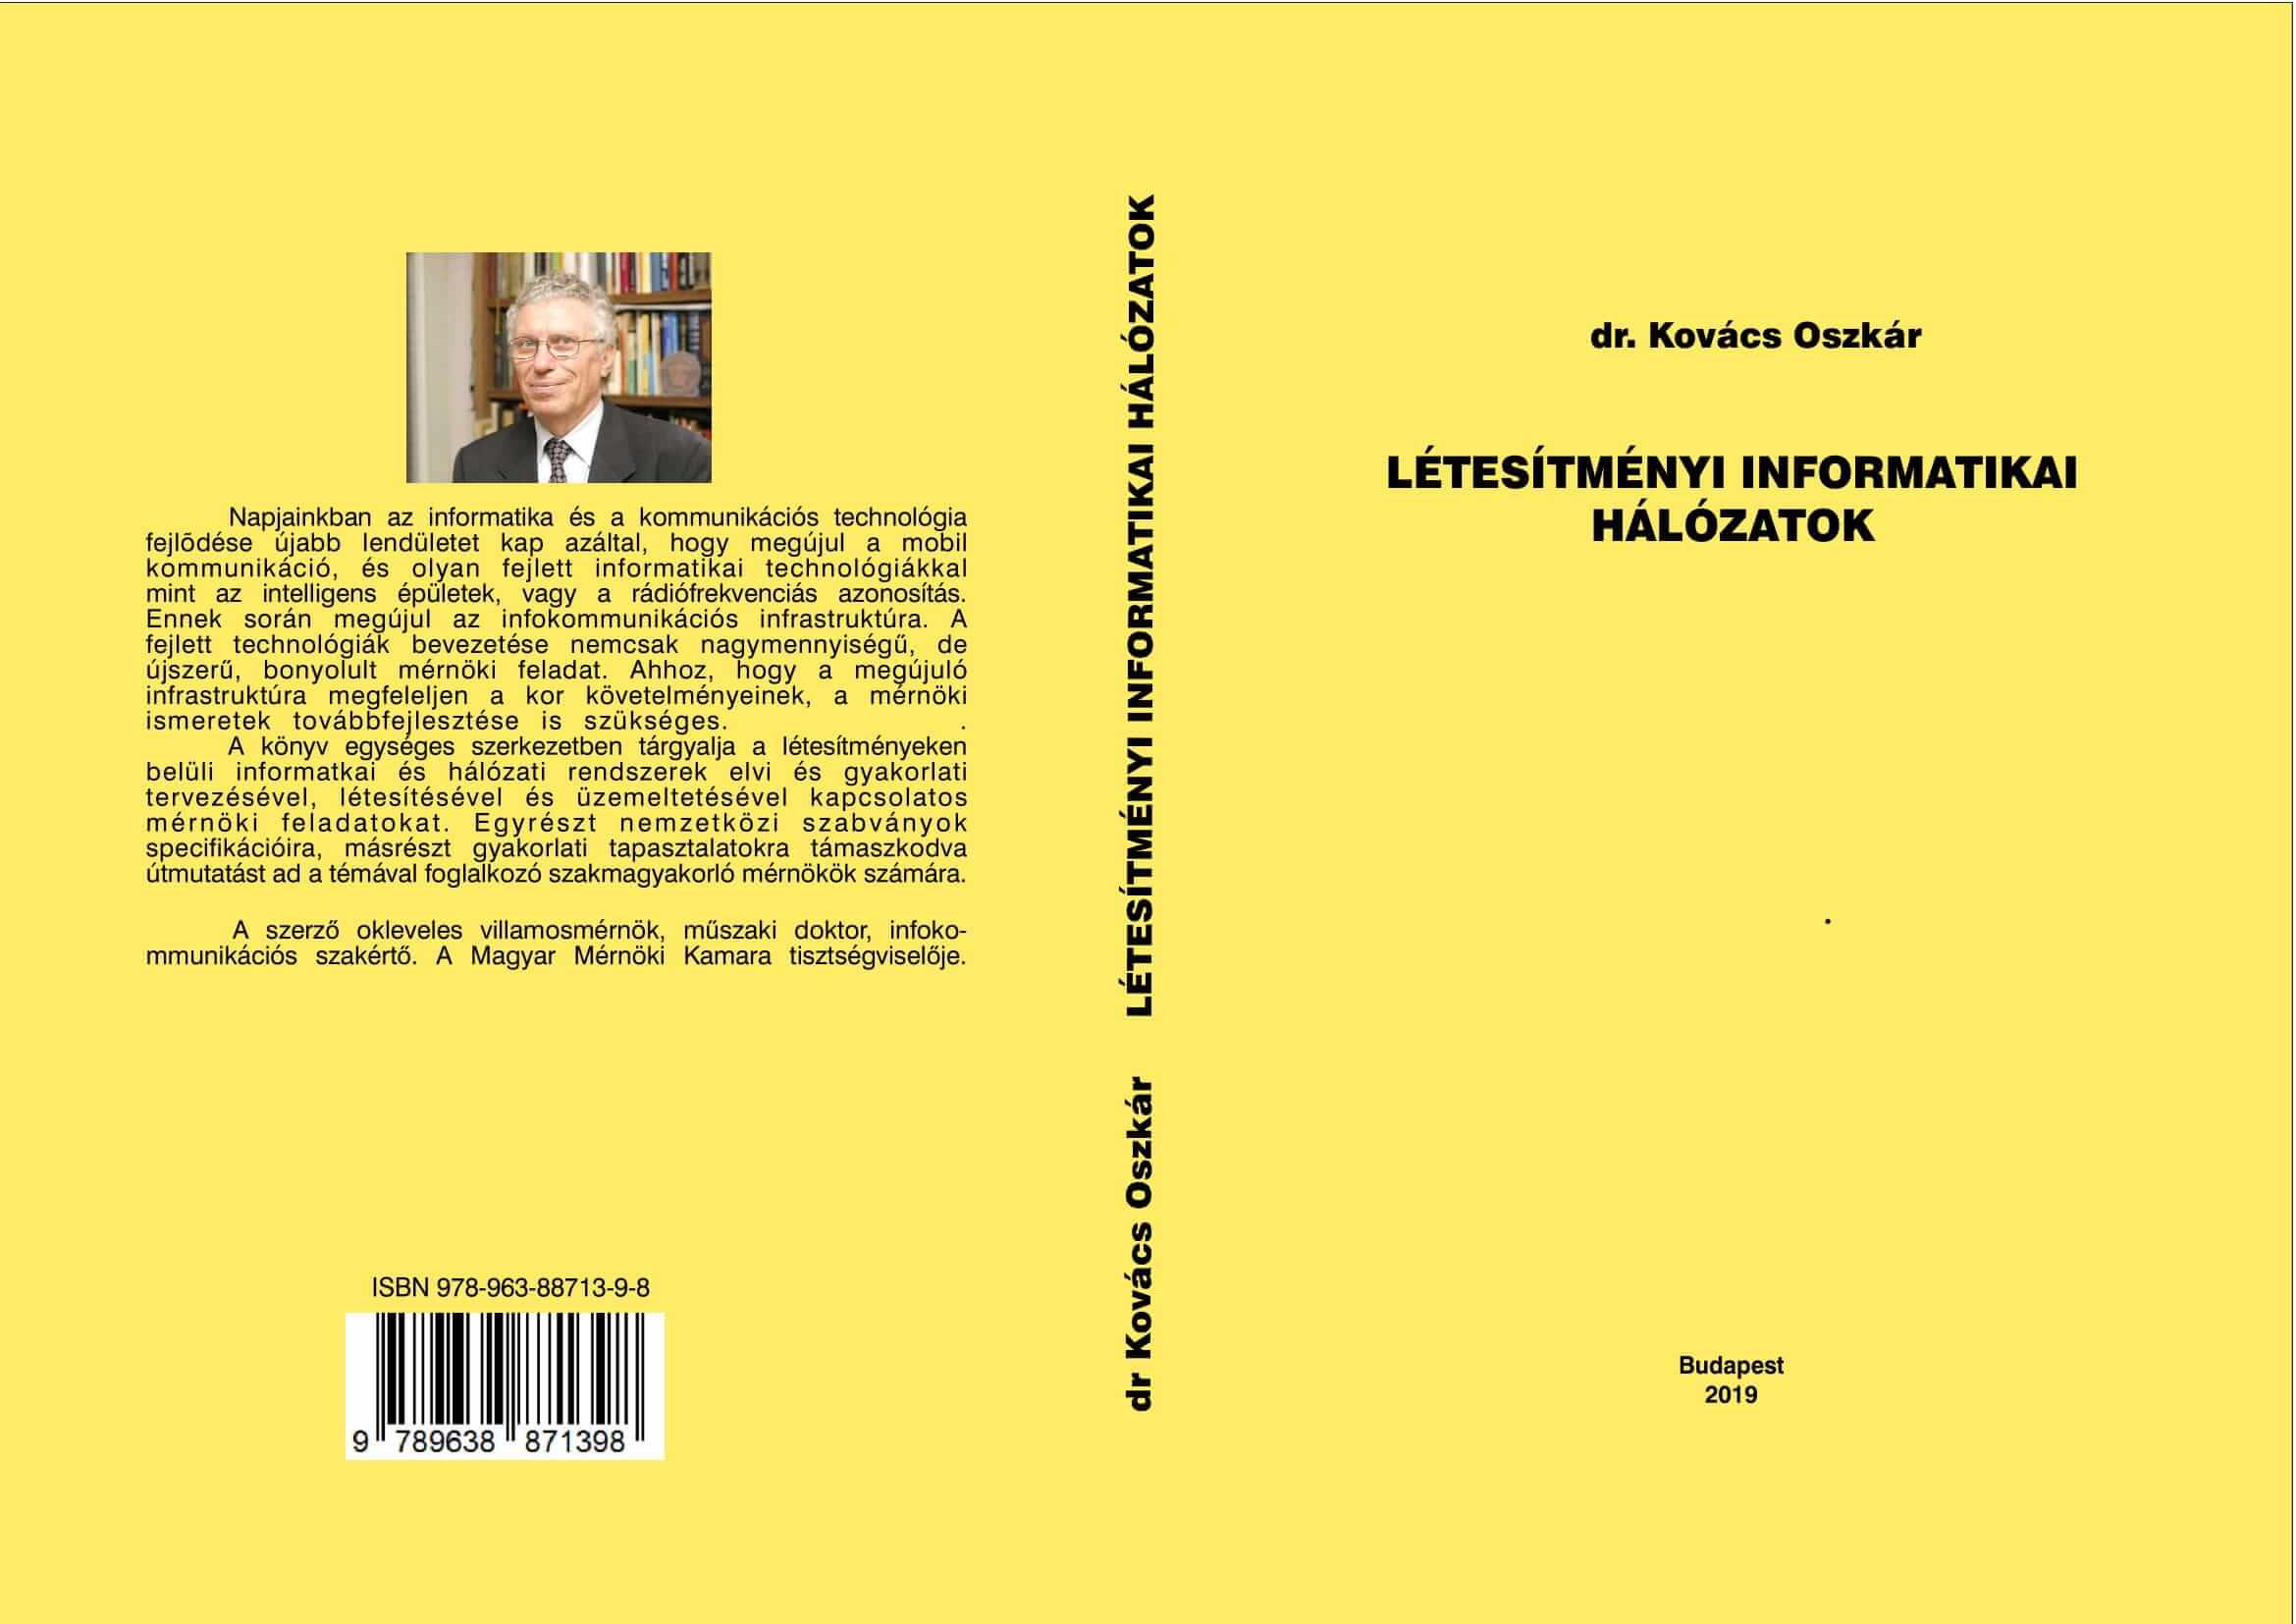 Létesítményi informatikai hálózatok – dr. Kovács Oszkár